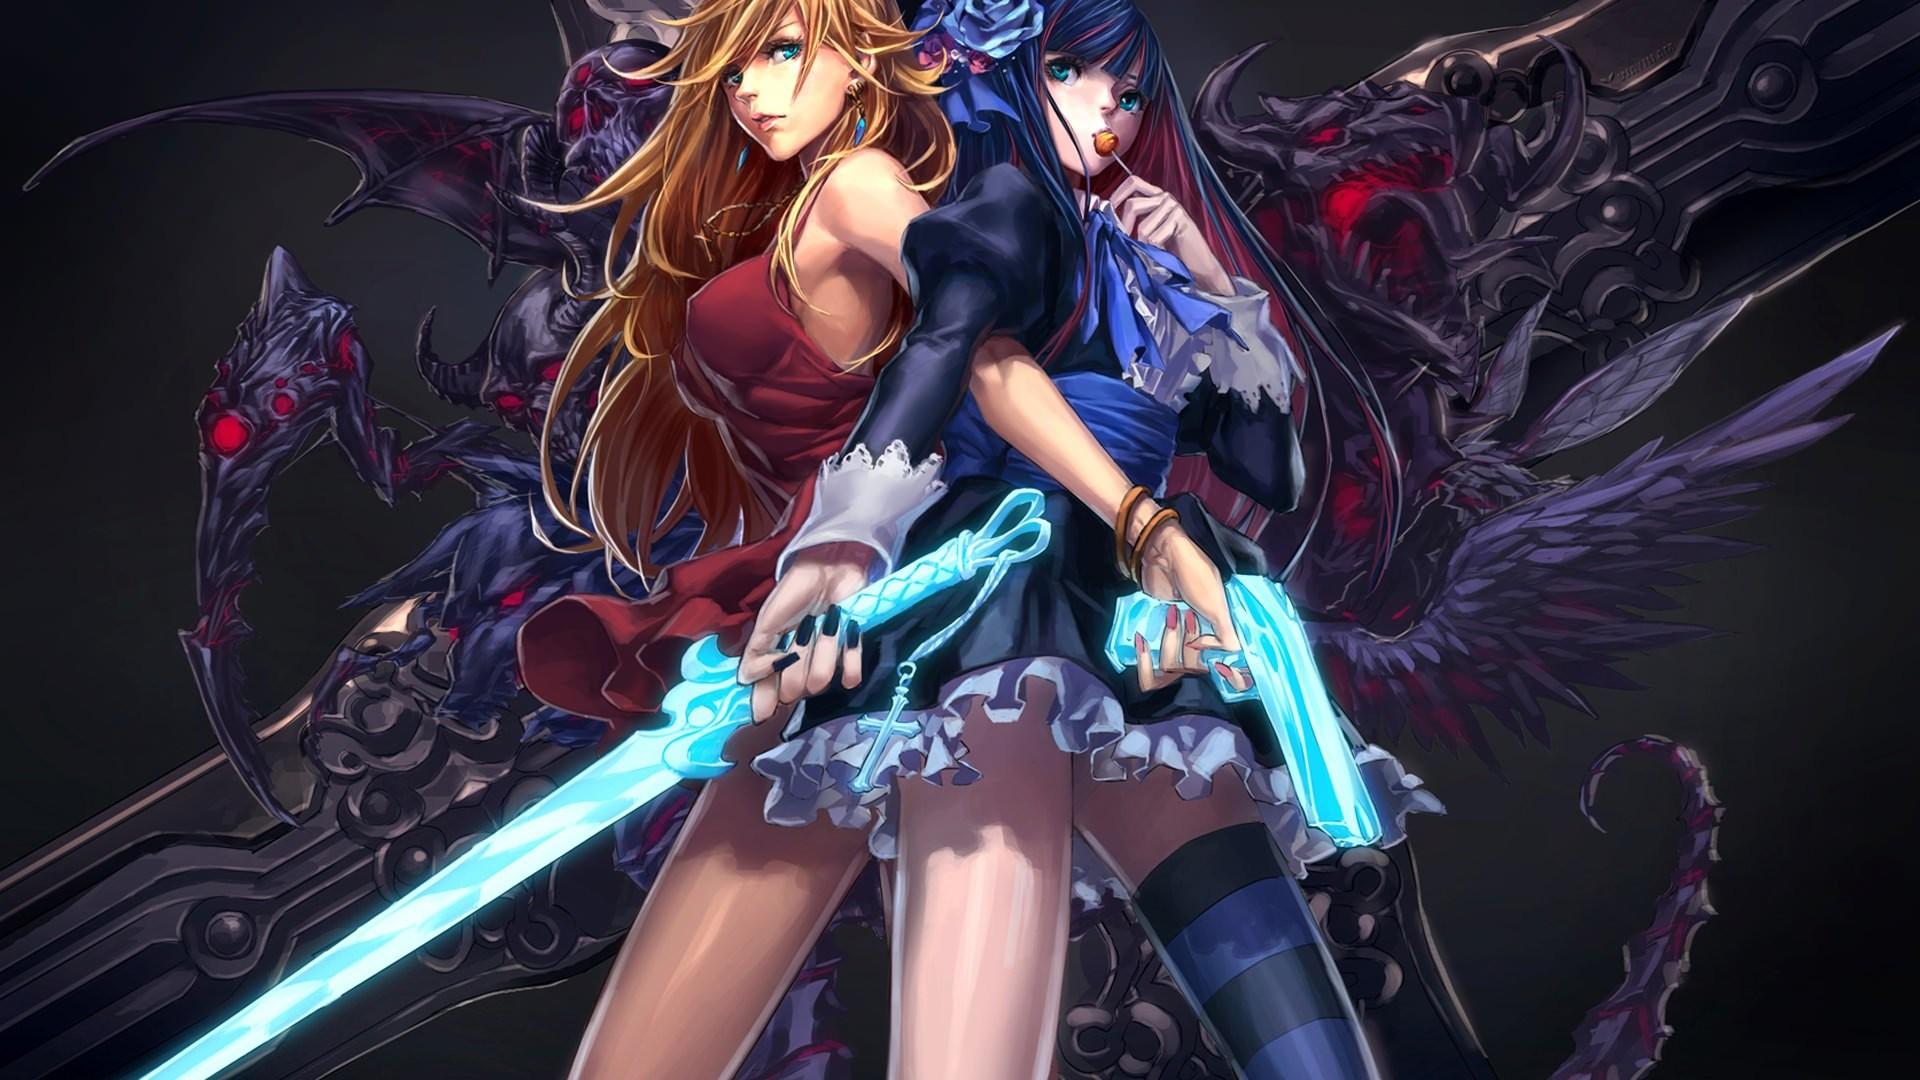 Manga Action Girls Wallpaper